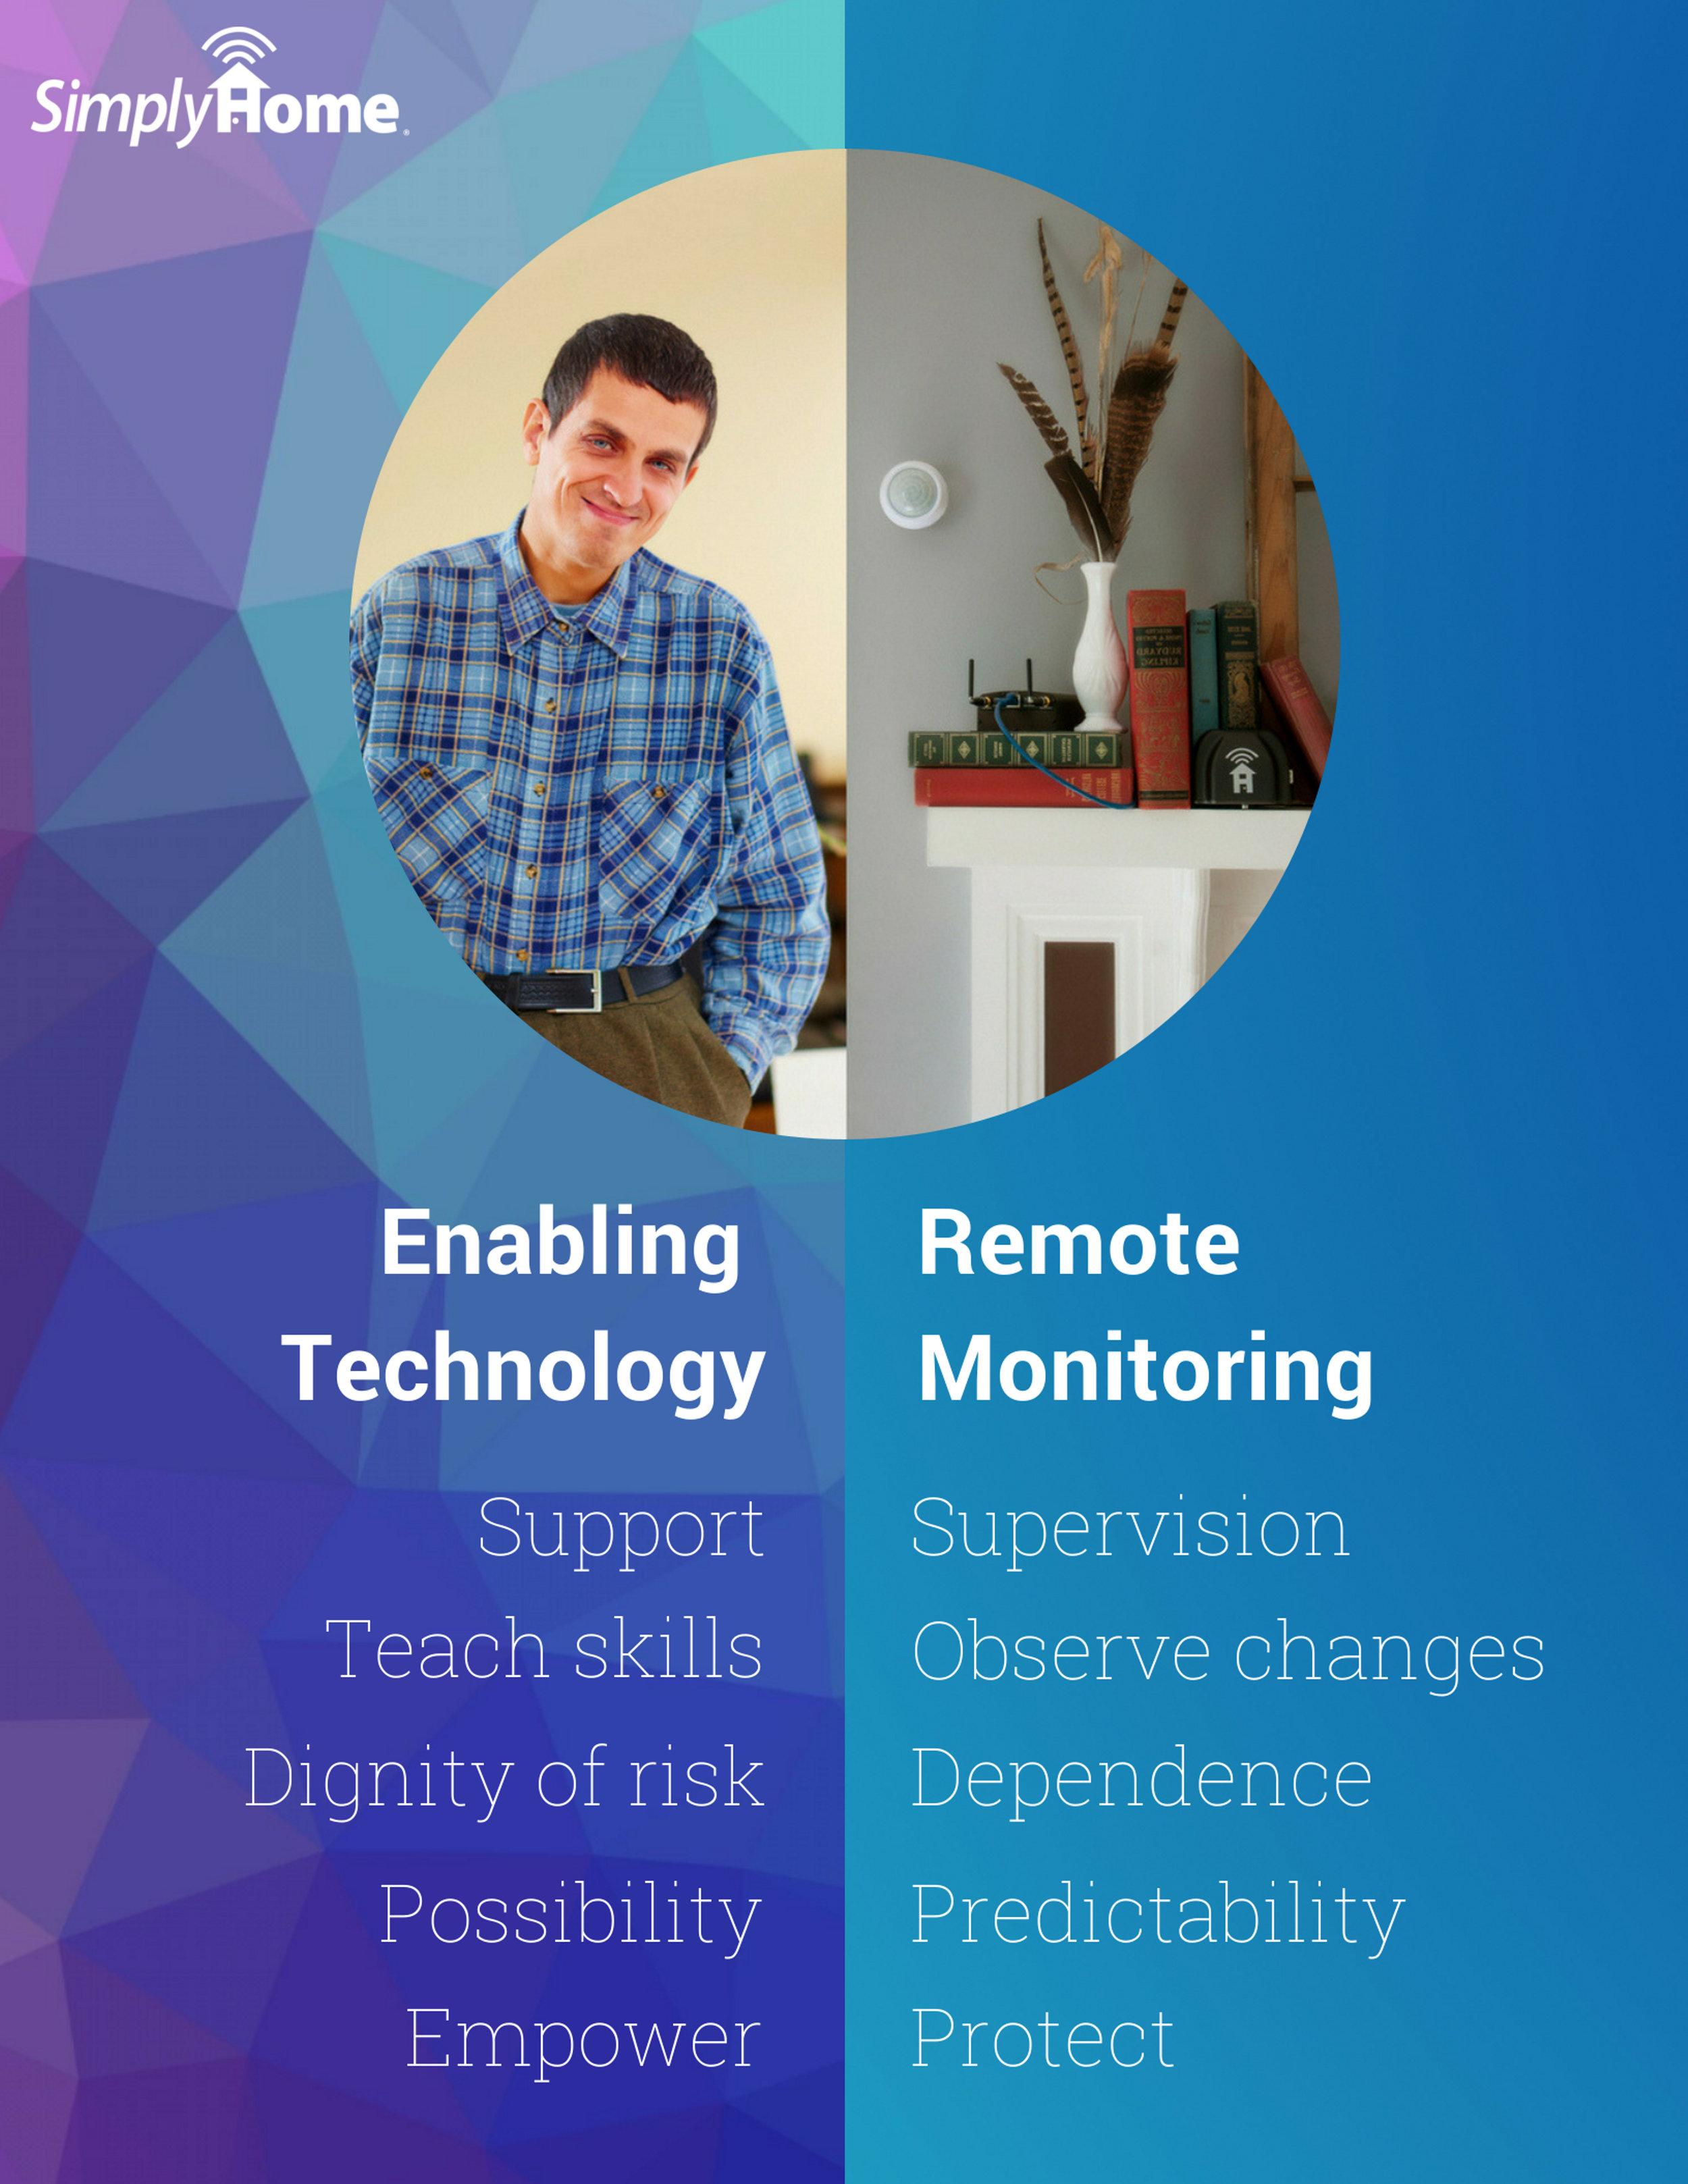 Enabling Technology versus Remote Monitoring - Large graphic.jpg